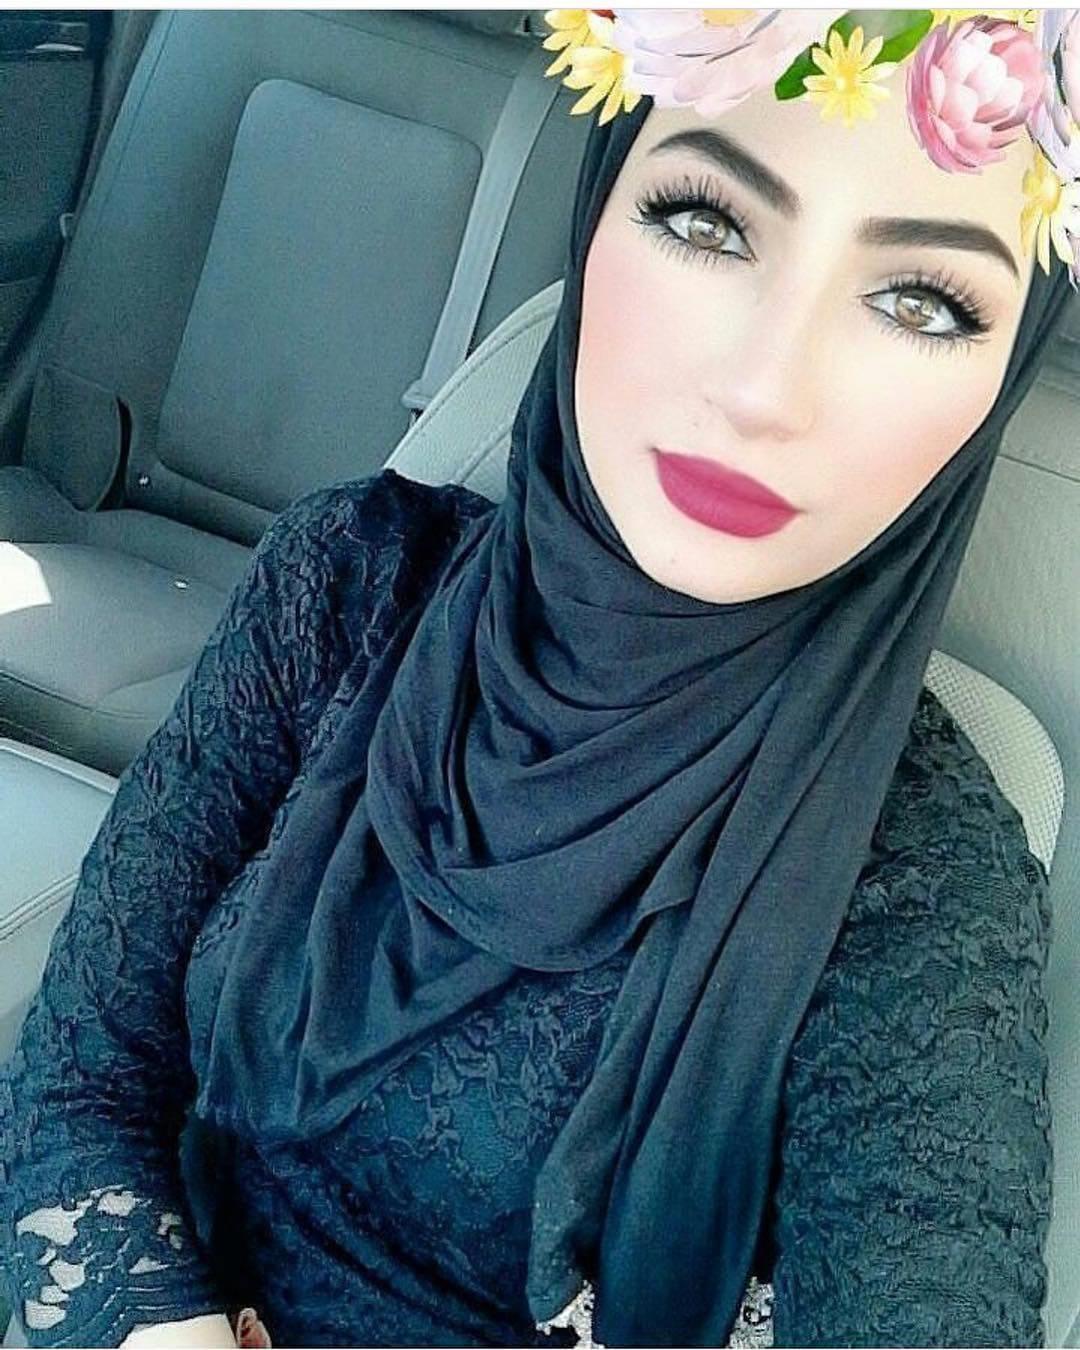 بالصور بنات جده , بنات المملكه العربيه السعودية 5462 10